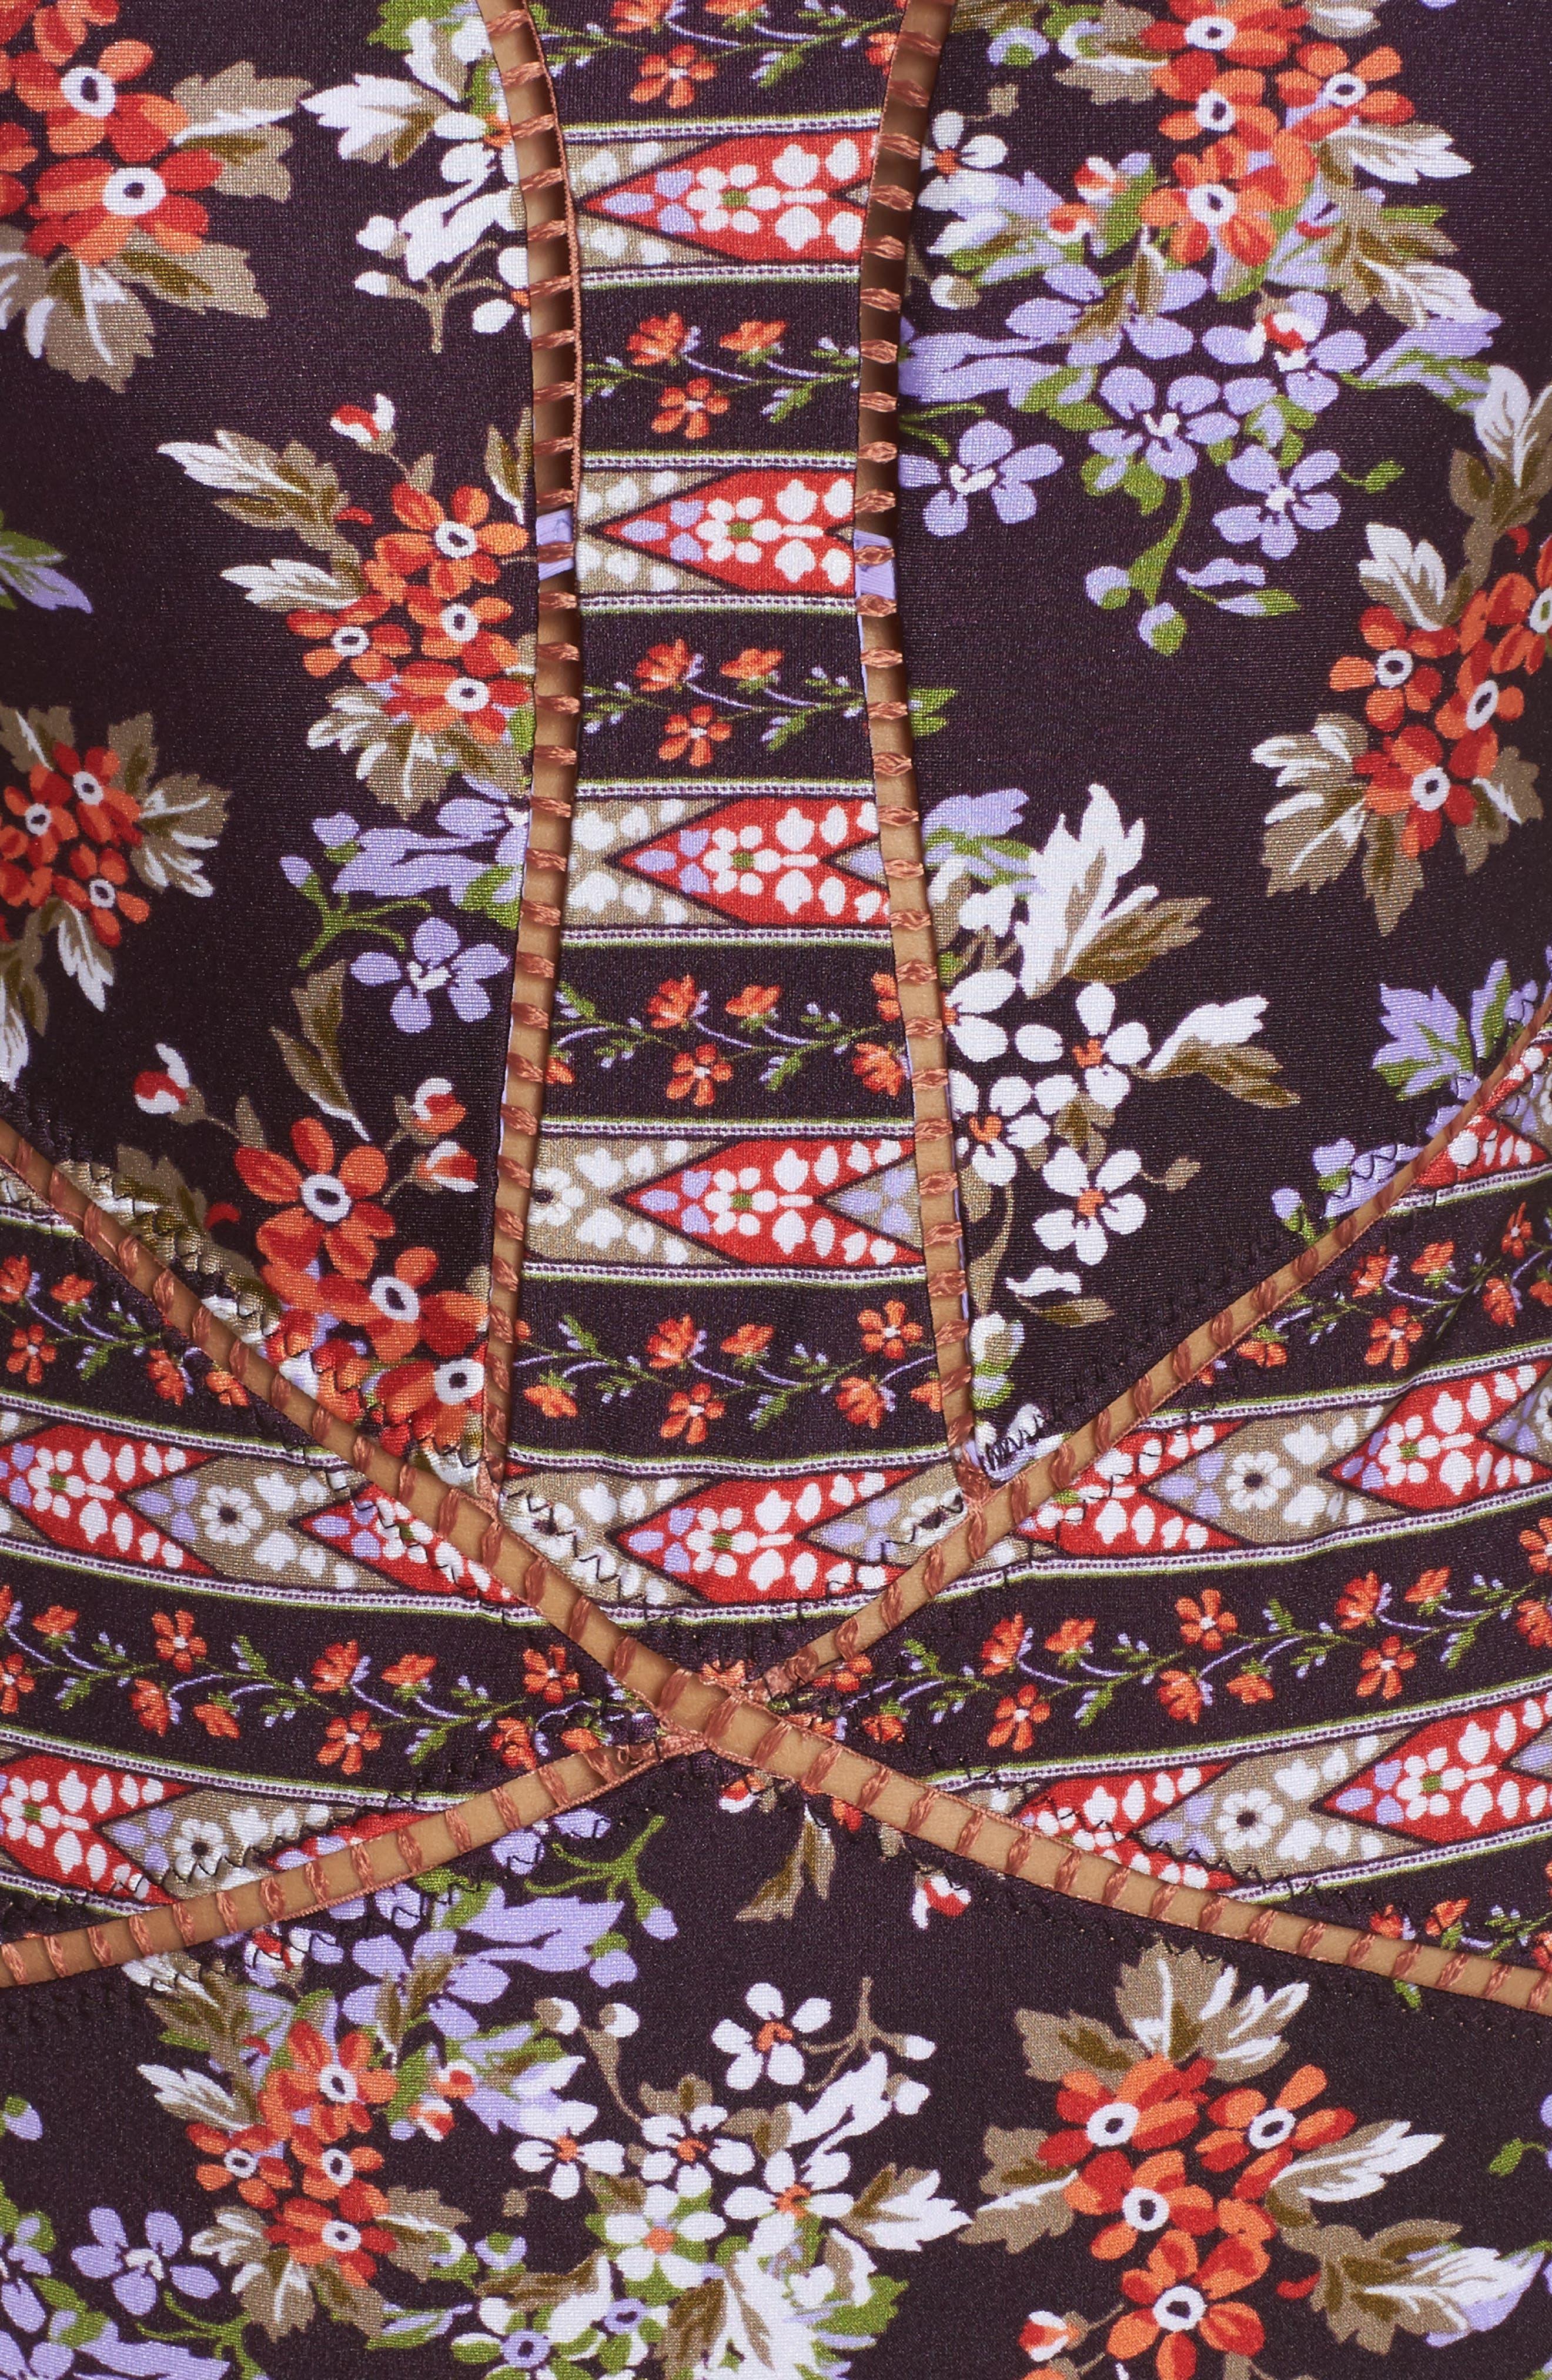 Floral Cottage One-Piece Swimsuit,                             Alternate thumbnail 5, color,                             Plum